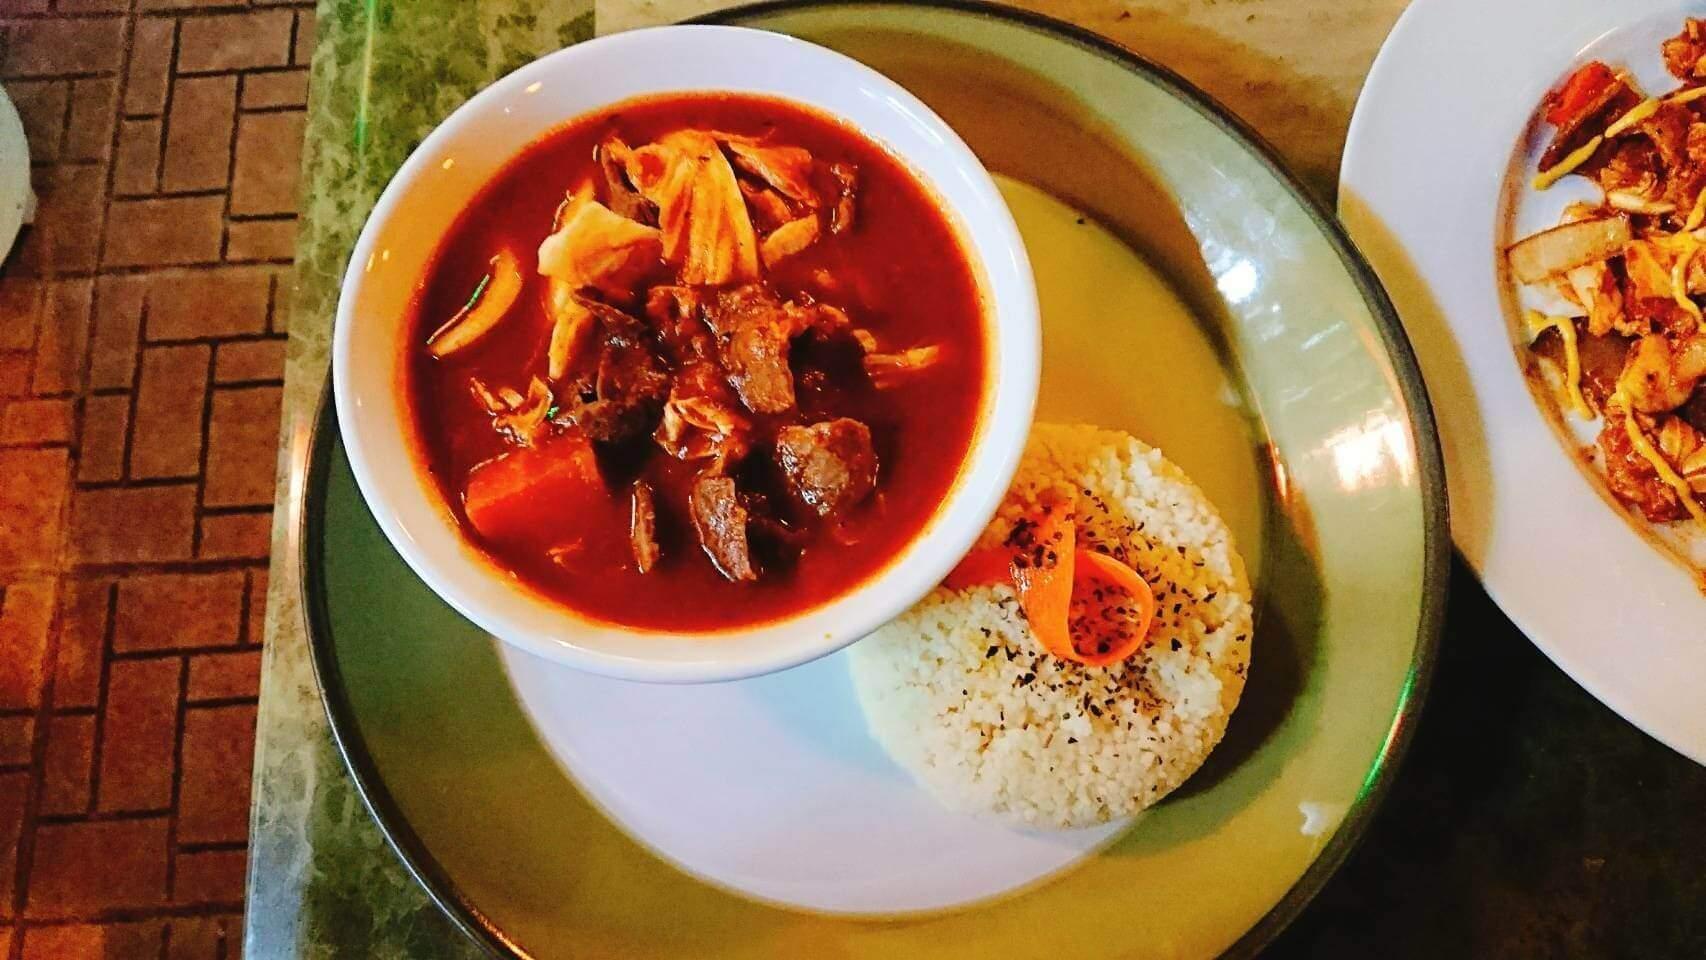 【花蓮市區】非洲象牙海岸小廚房|充滿神秘的非洲特色料理